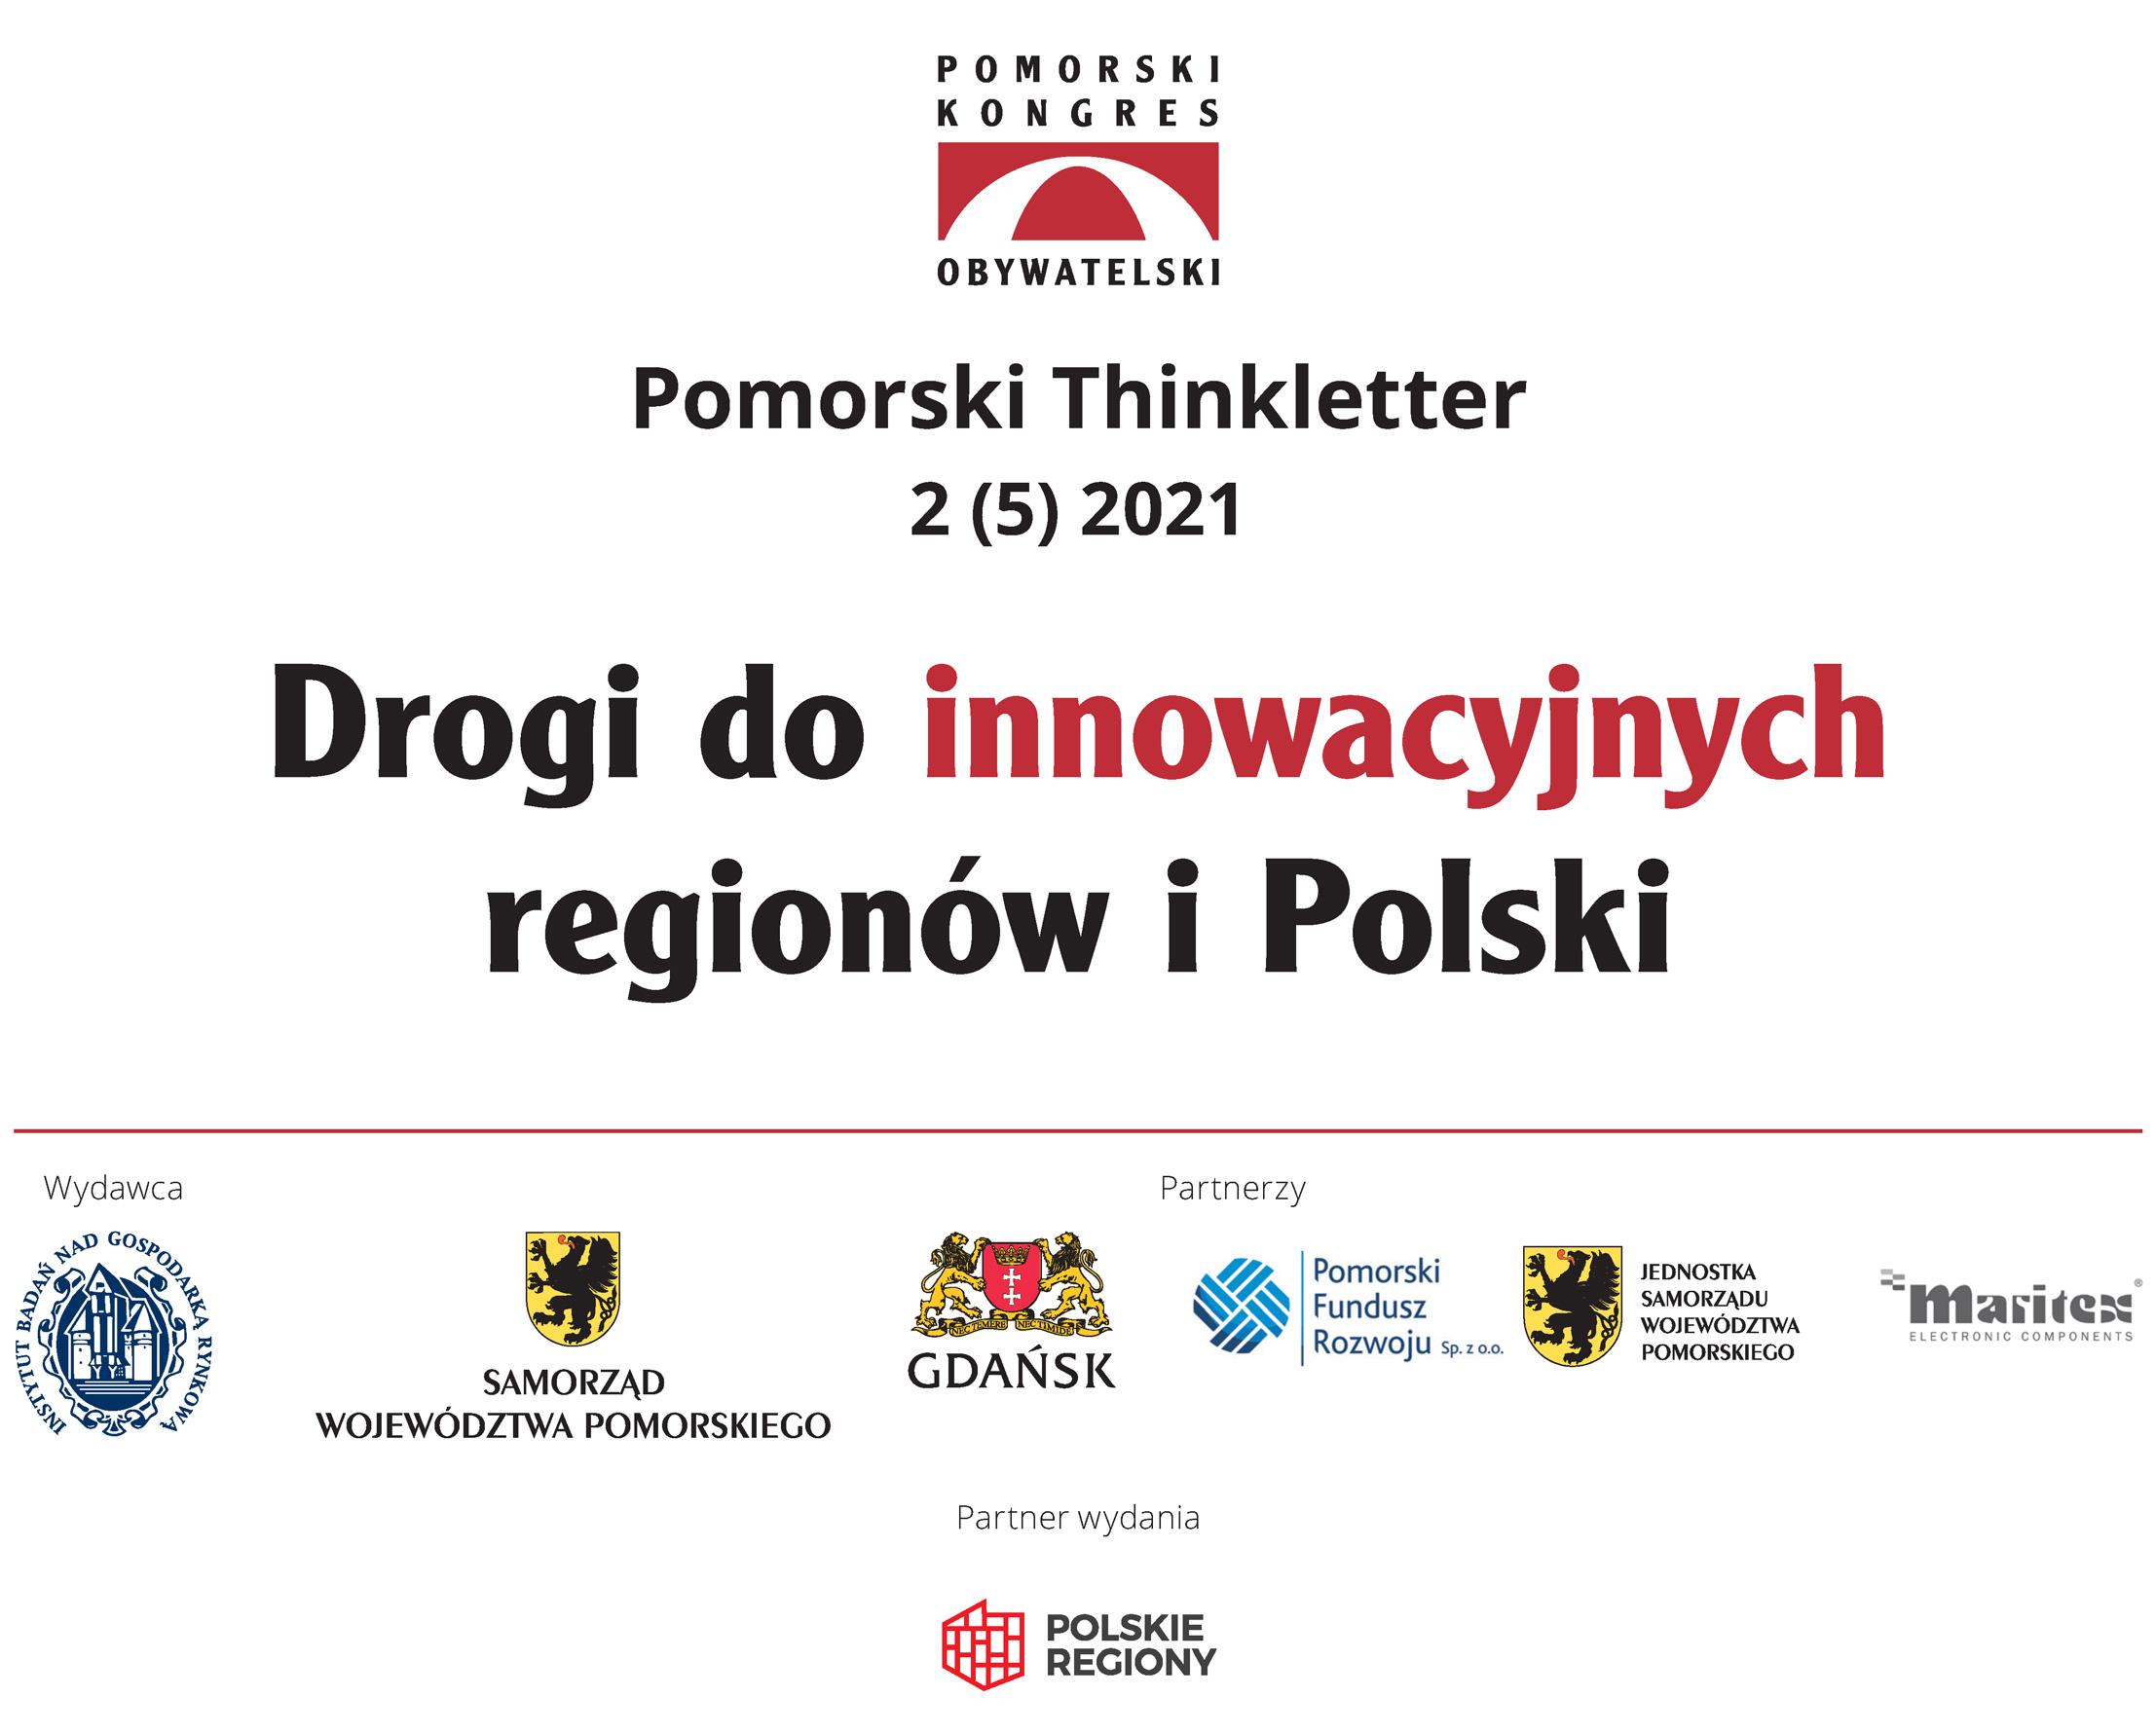 """okładka """"Drogi doinnowacyjnych regionów iPolski"""""""